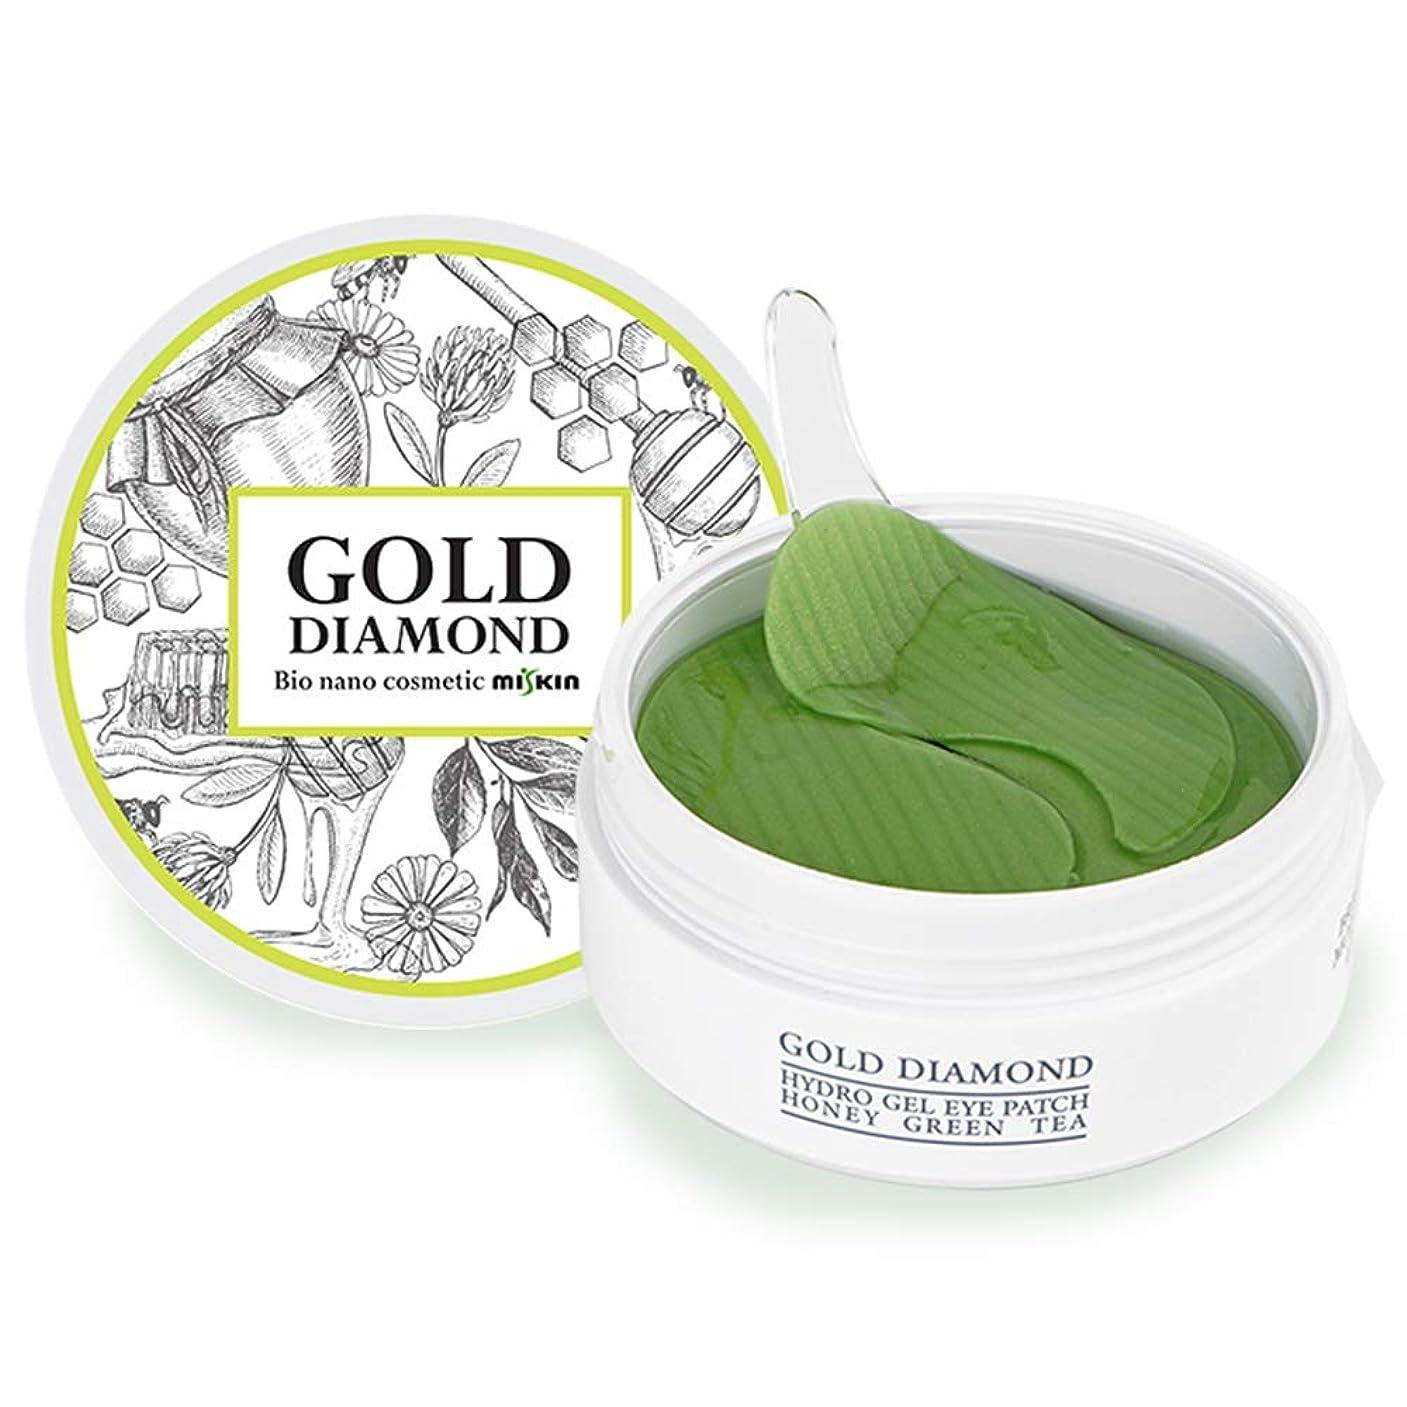 一エッセンス乏しいゴールドダイアモンド アイパッチ ハイドロゲル ハニーグリーンティー (60枚) / Gold Diamond Eye Patch Hydro Gel Honey Green Tea (60pcs) [並行輸入品]